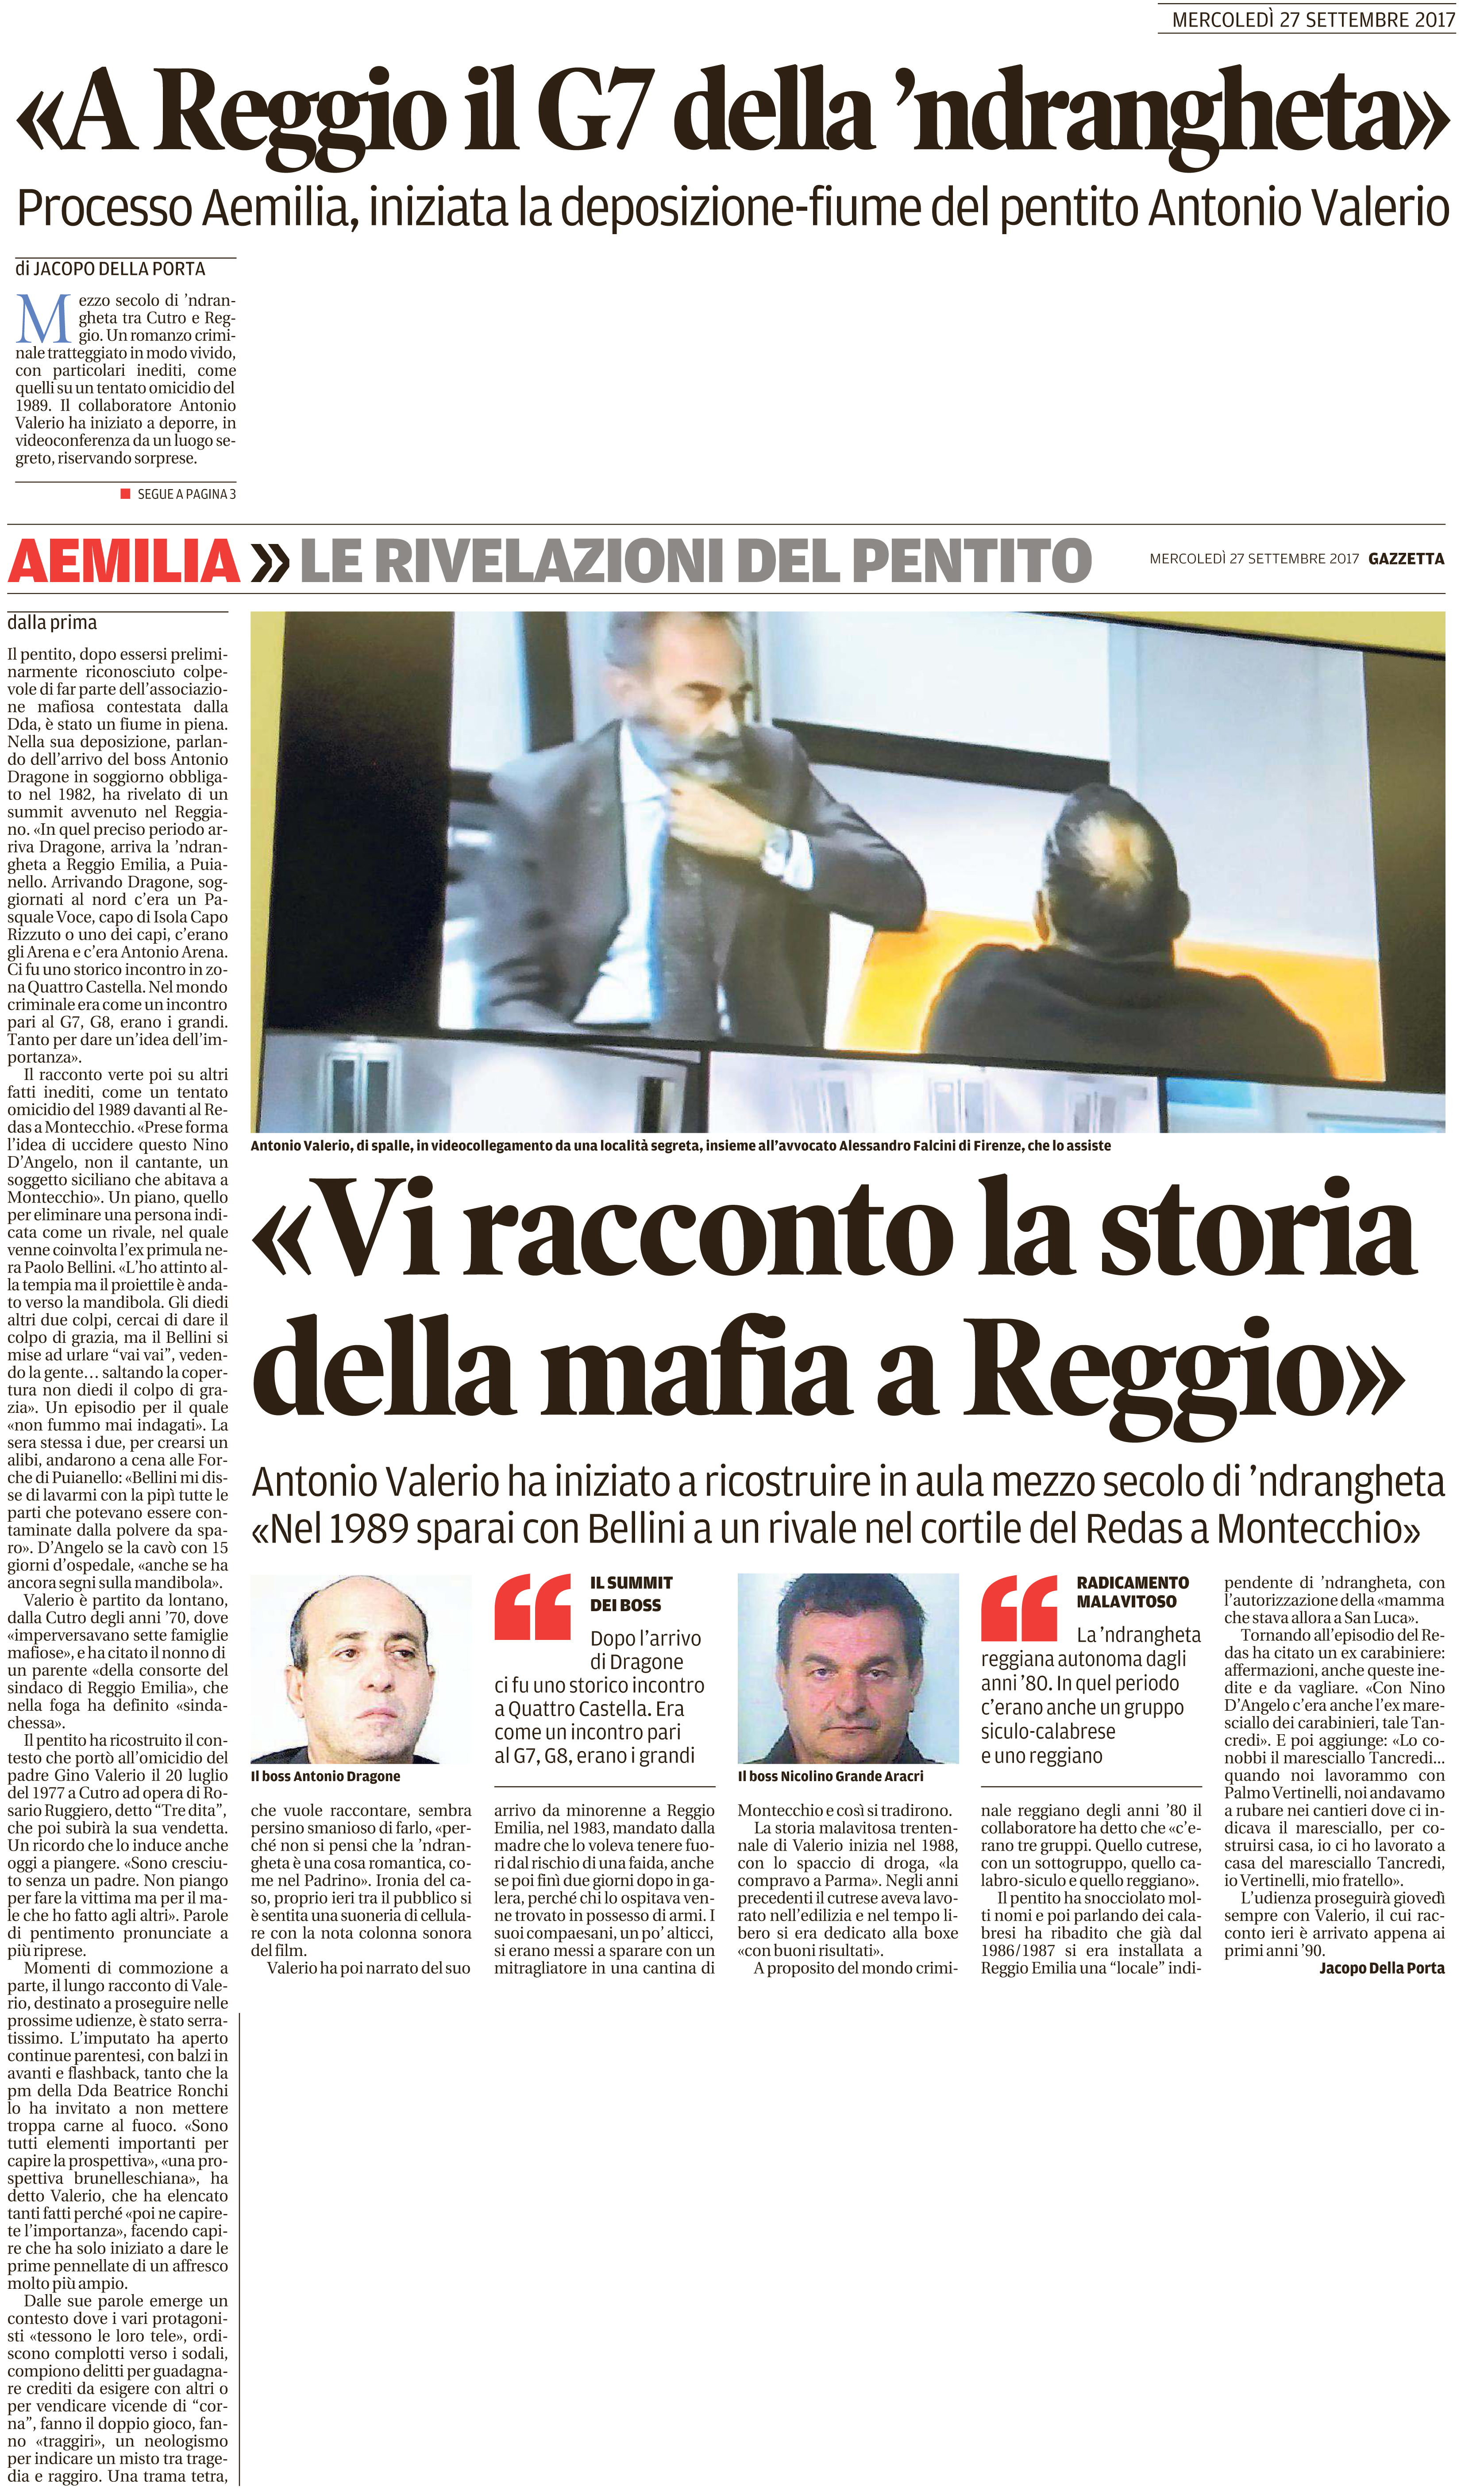 Il G7 a Reggio Emilia